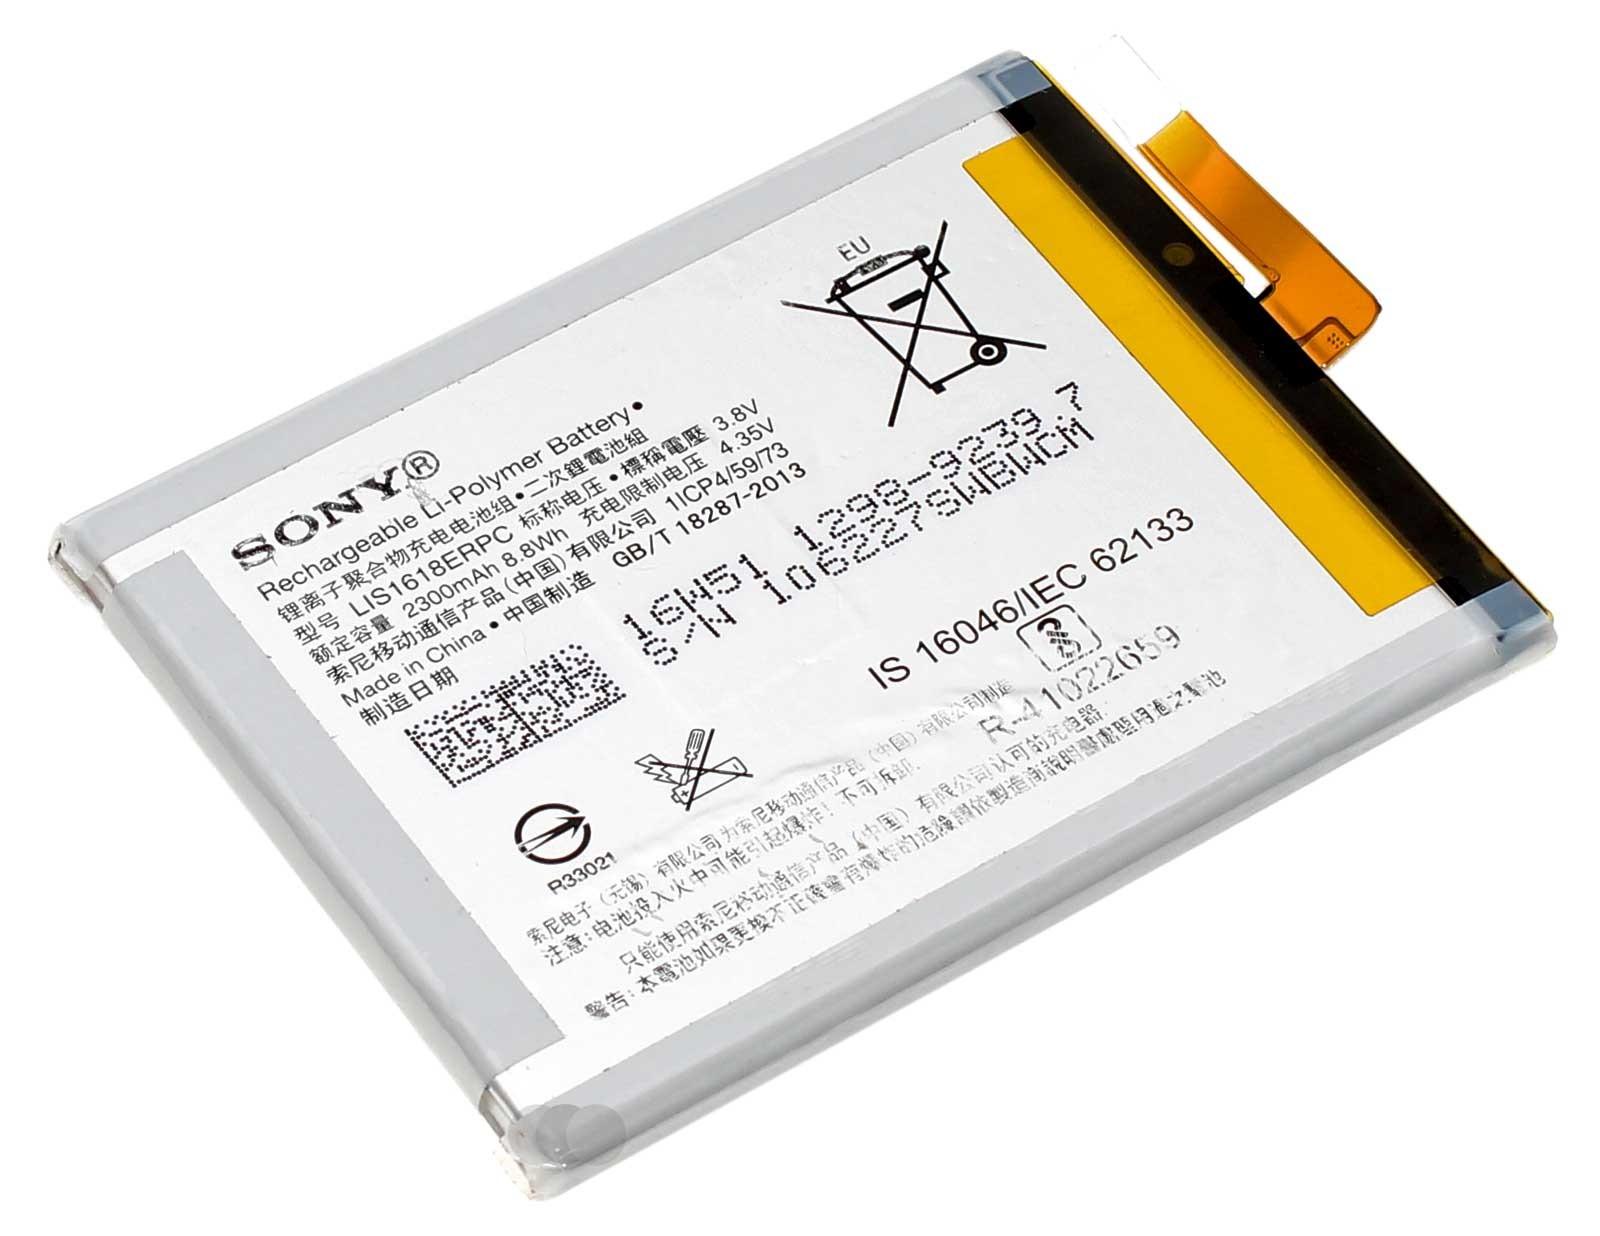 Original Sony Akku LIS1618ERPC (1298-9239) Lithium-Polymer für Sony Xperia XA und E5 Handy, Smartphone, Mobiltelefon mit 3,8 Volt und 2300mAh Kapazität